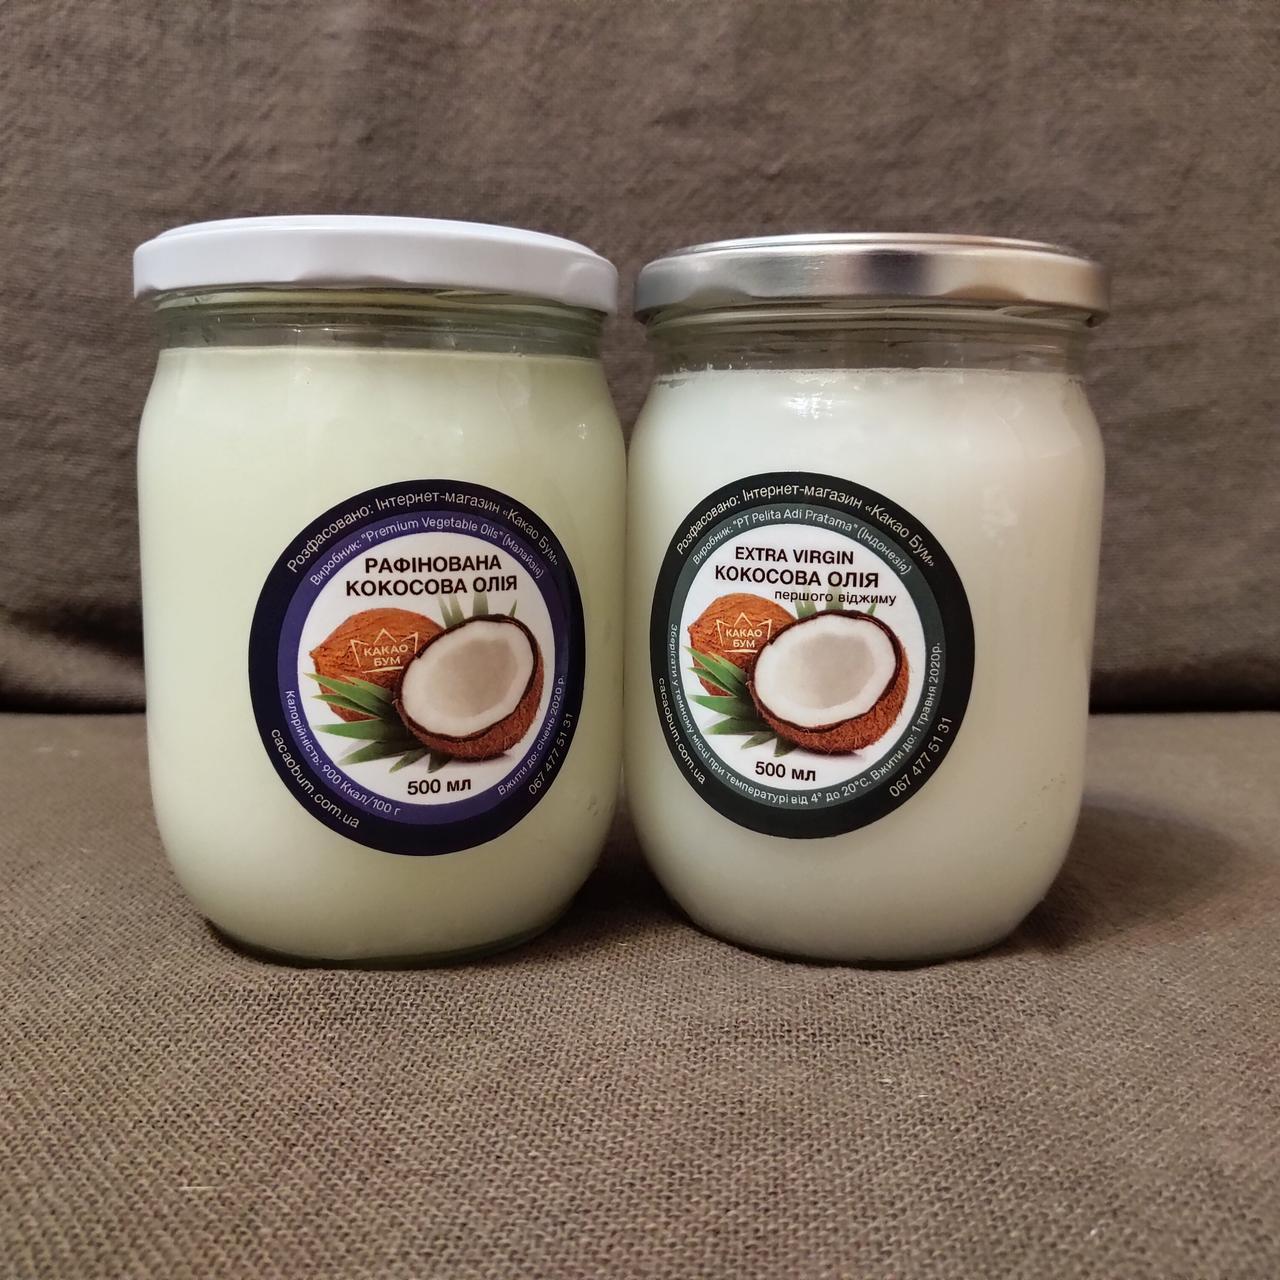 Масло кокоса 0,5 л, рафіноване, Малайзія PREMIUM VEGETABLE OILS SDN. BHD.